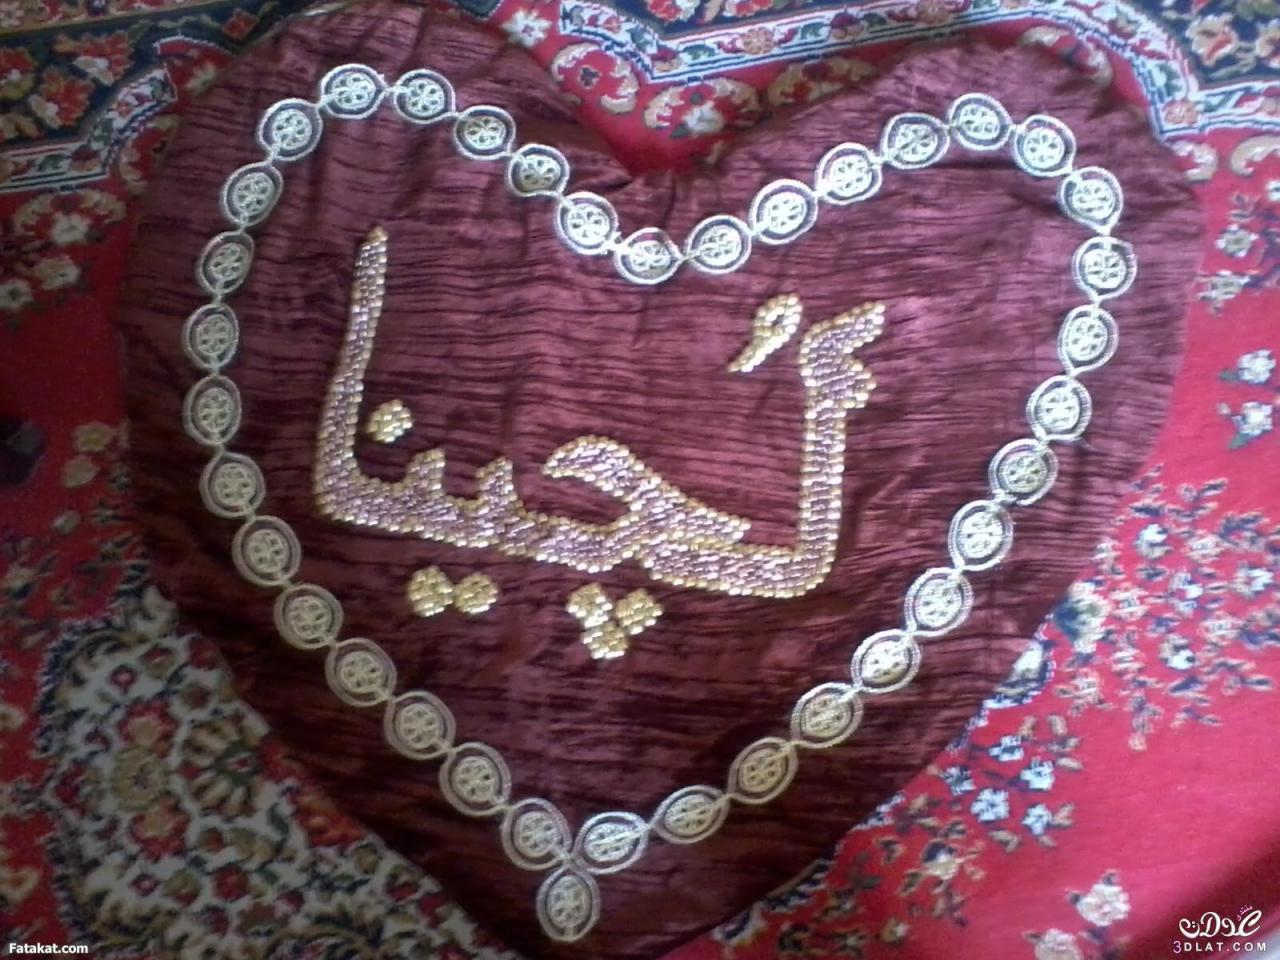 صورة اسماء بنات مزخرفه للشات 10975 2